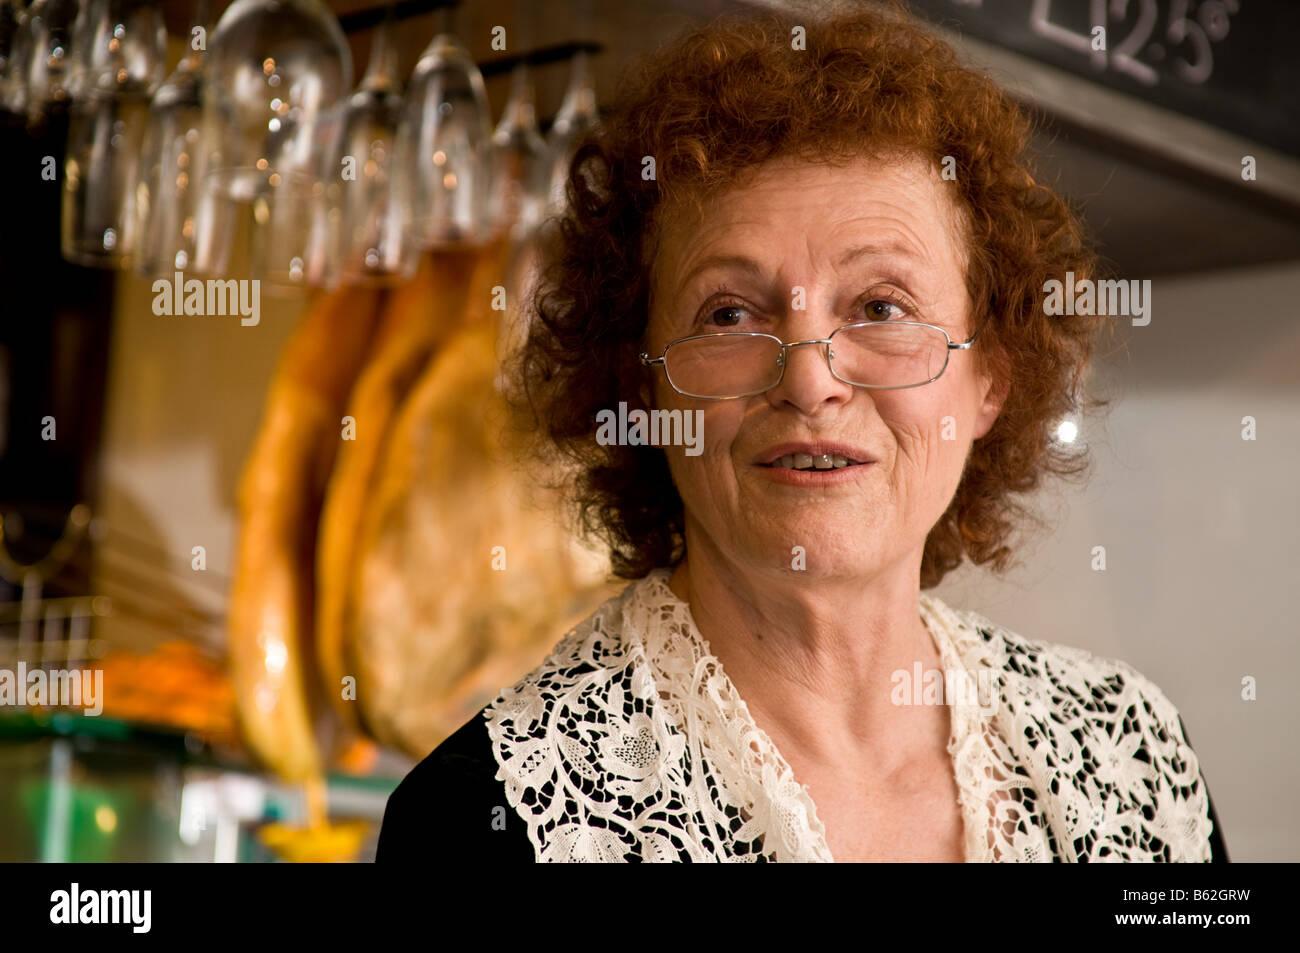 ELISABETH LUARD food writer and author of several classic cookbooks on european peasant food - Stock Image